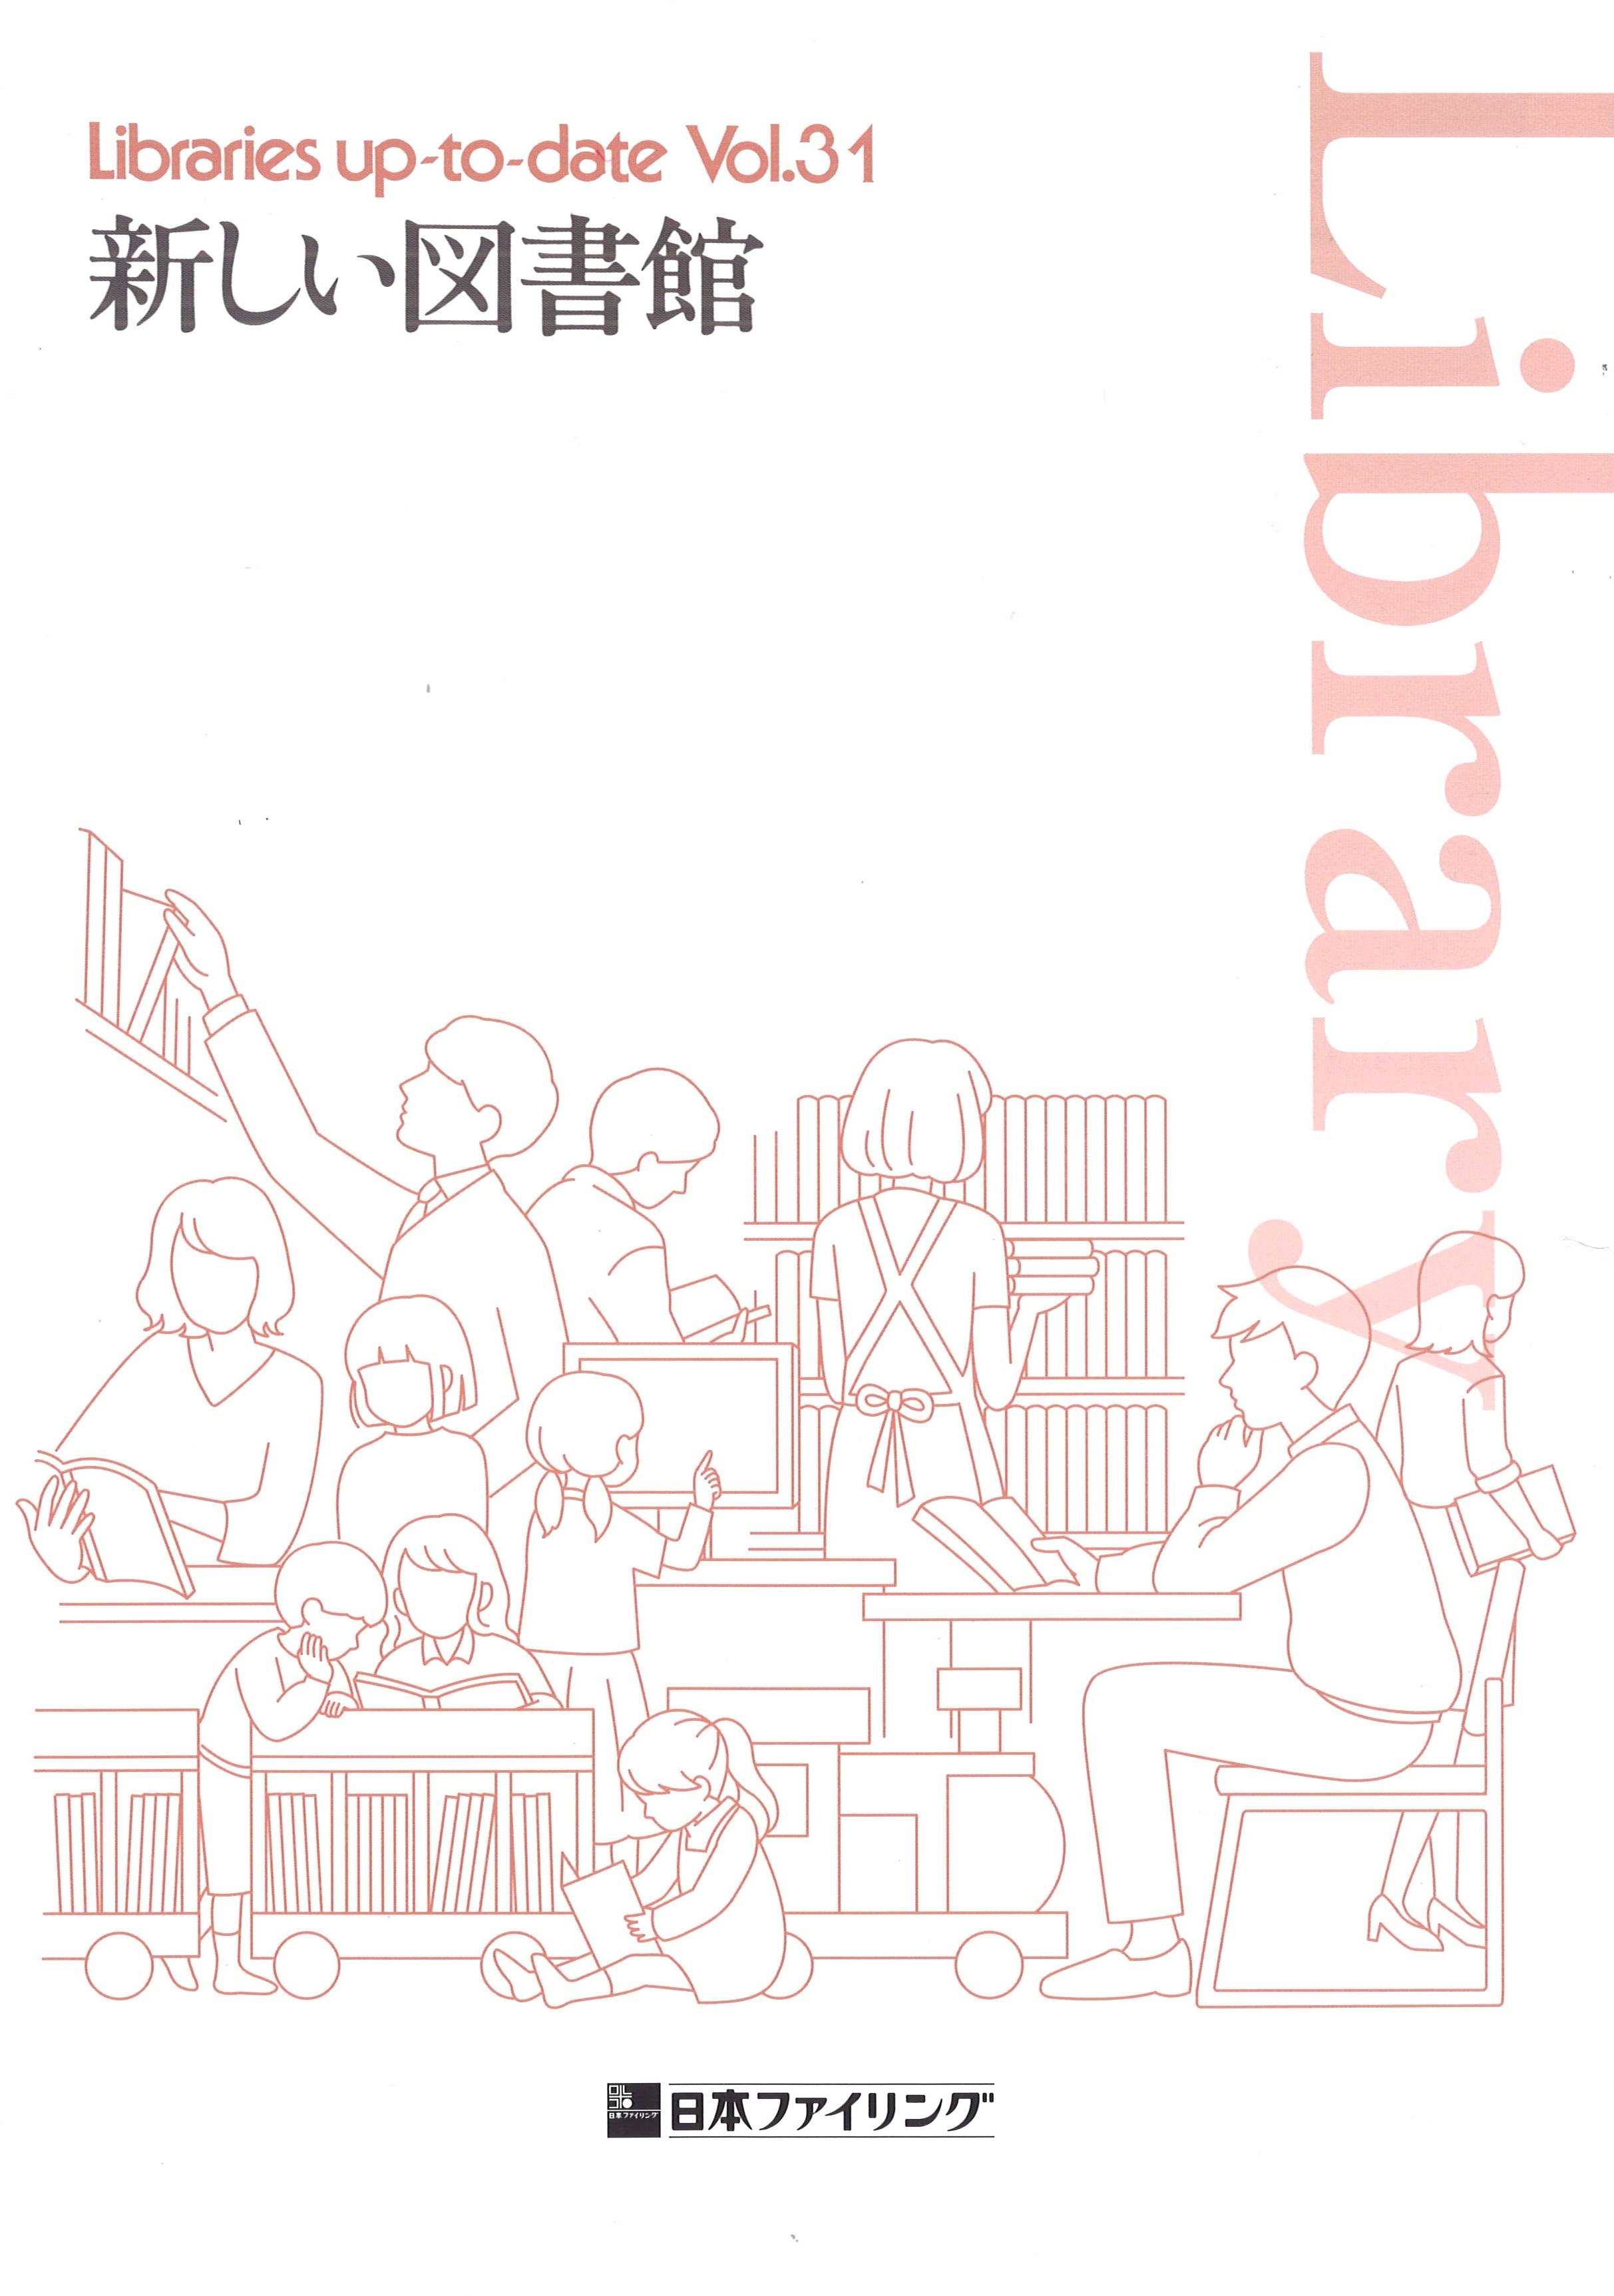 新しい図書館31.jpg